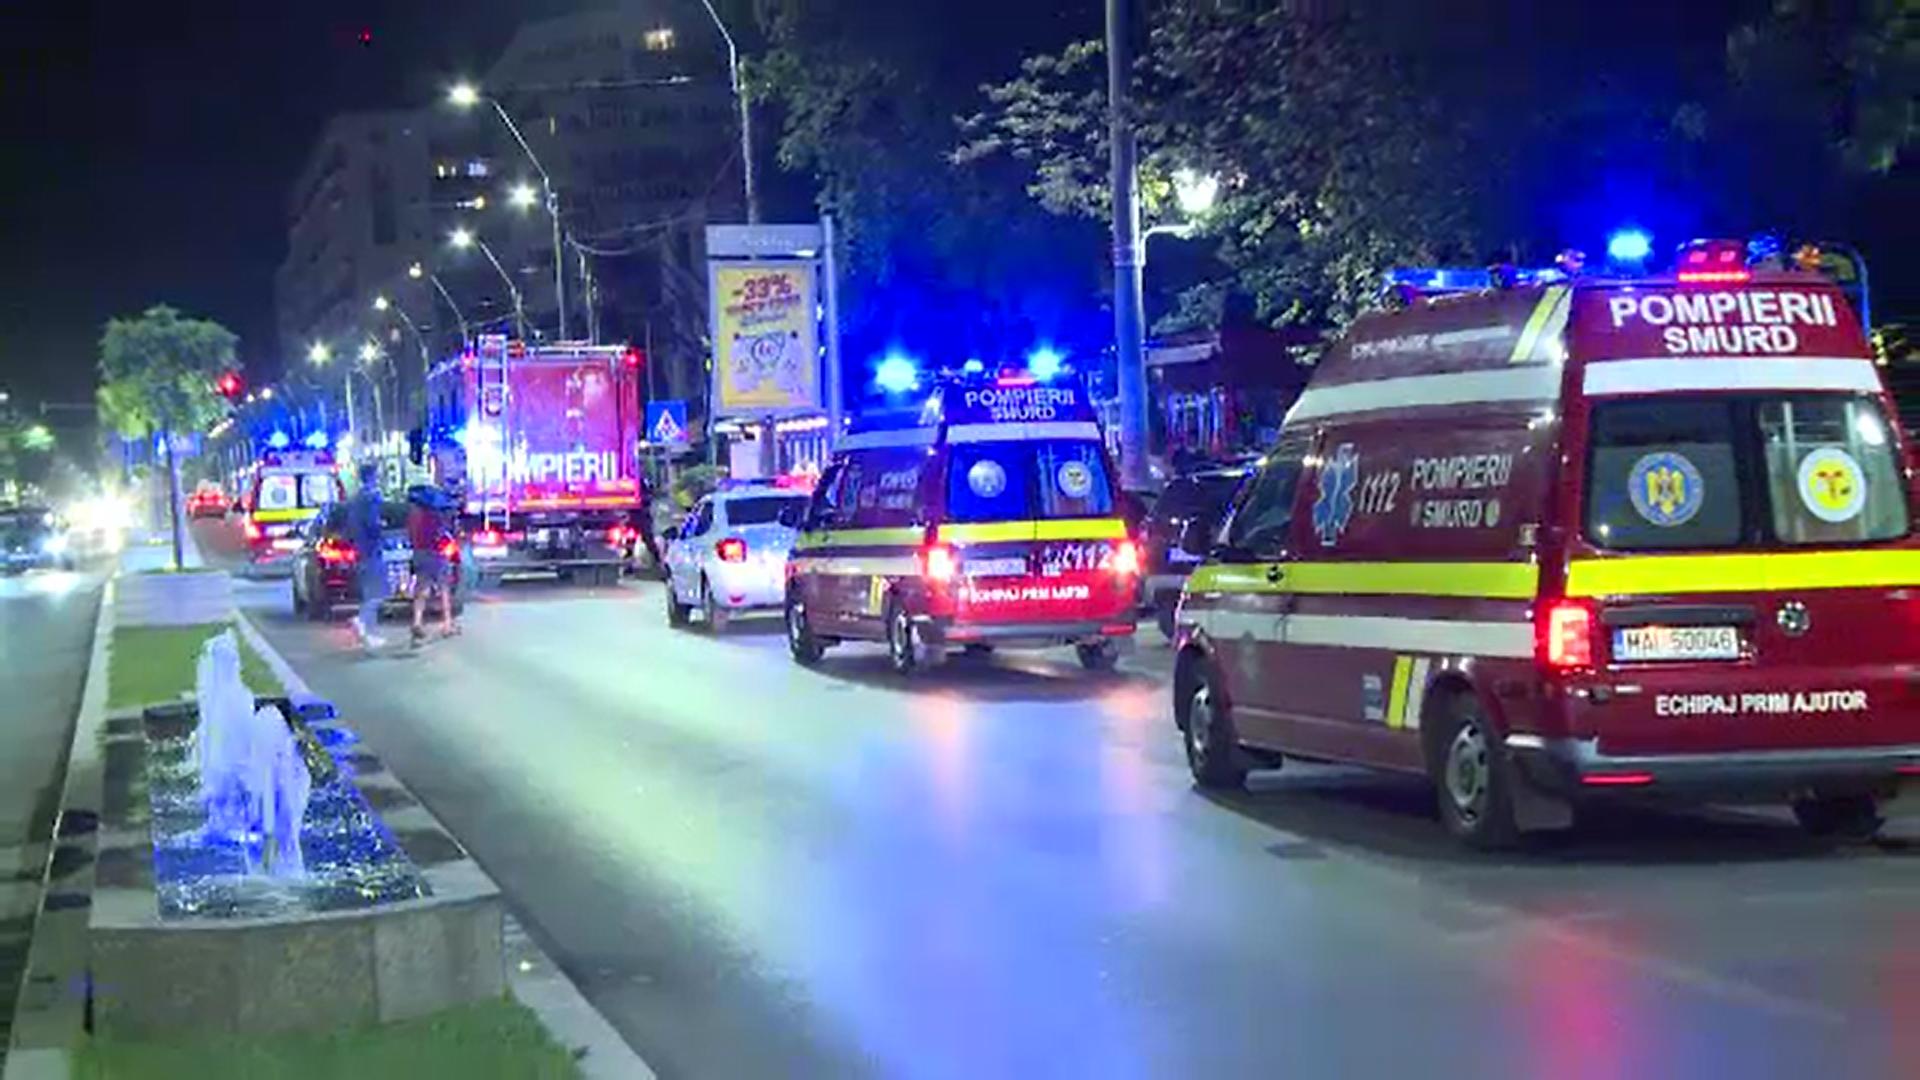 S-a activat planul roșu de intervenție în București după o alarmă falsă de incendiu la spitalul Budimex